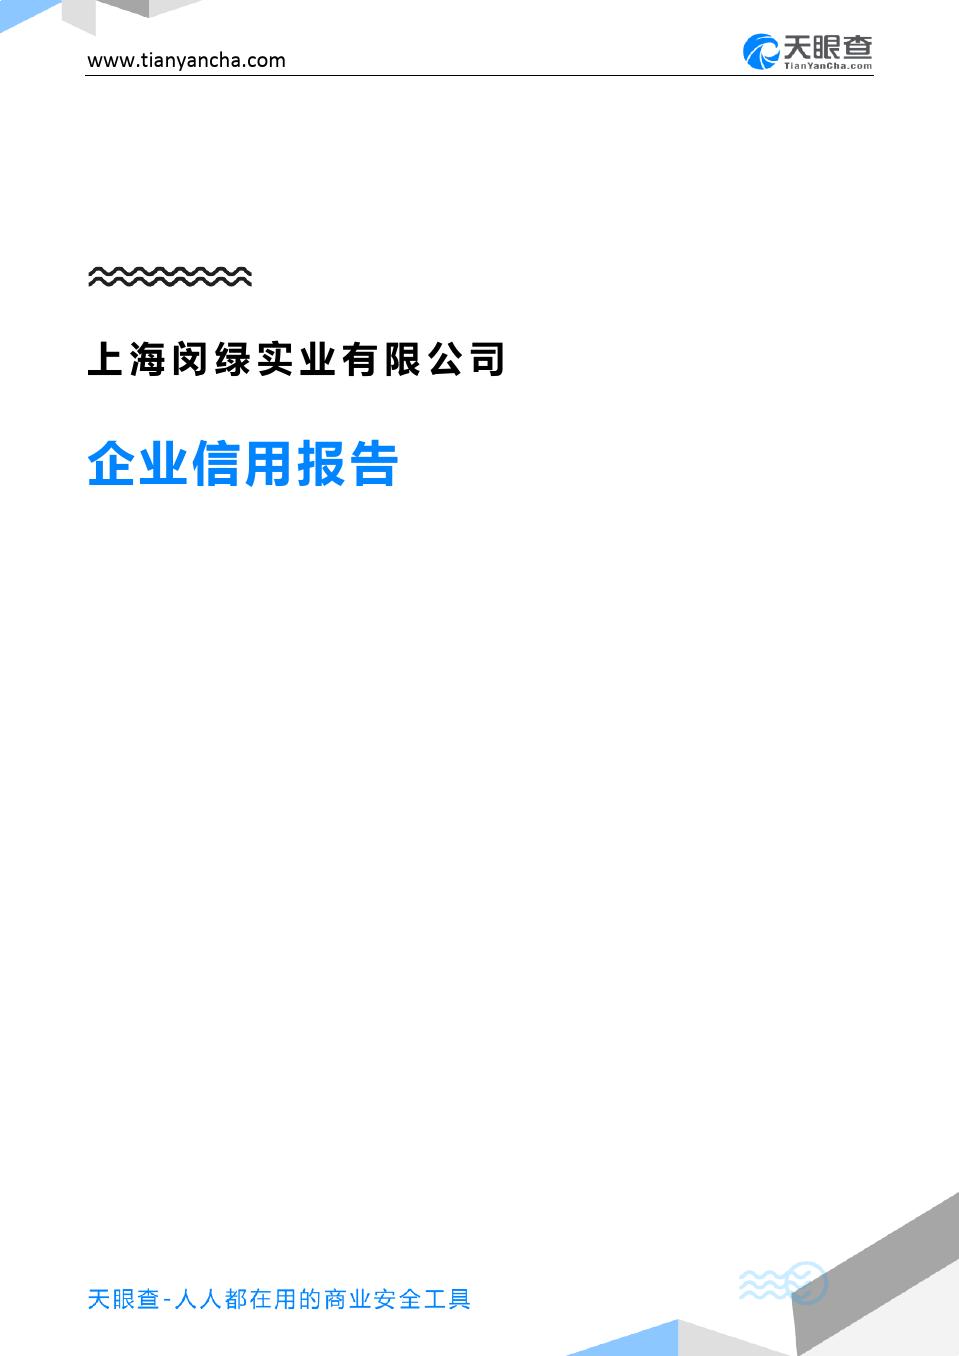 上海闵绿实业有限公司(企业信用报告)- 天眼查